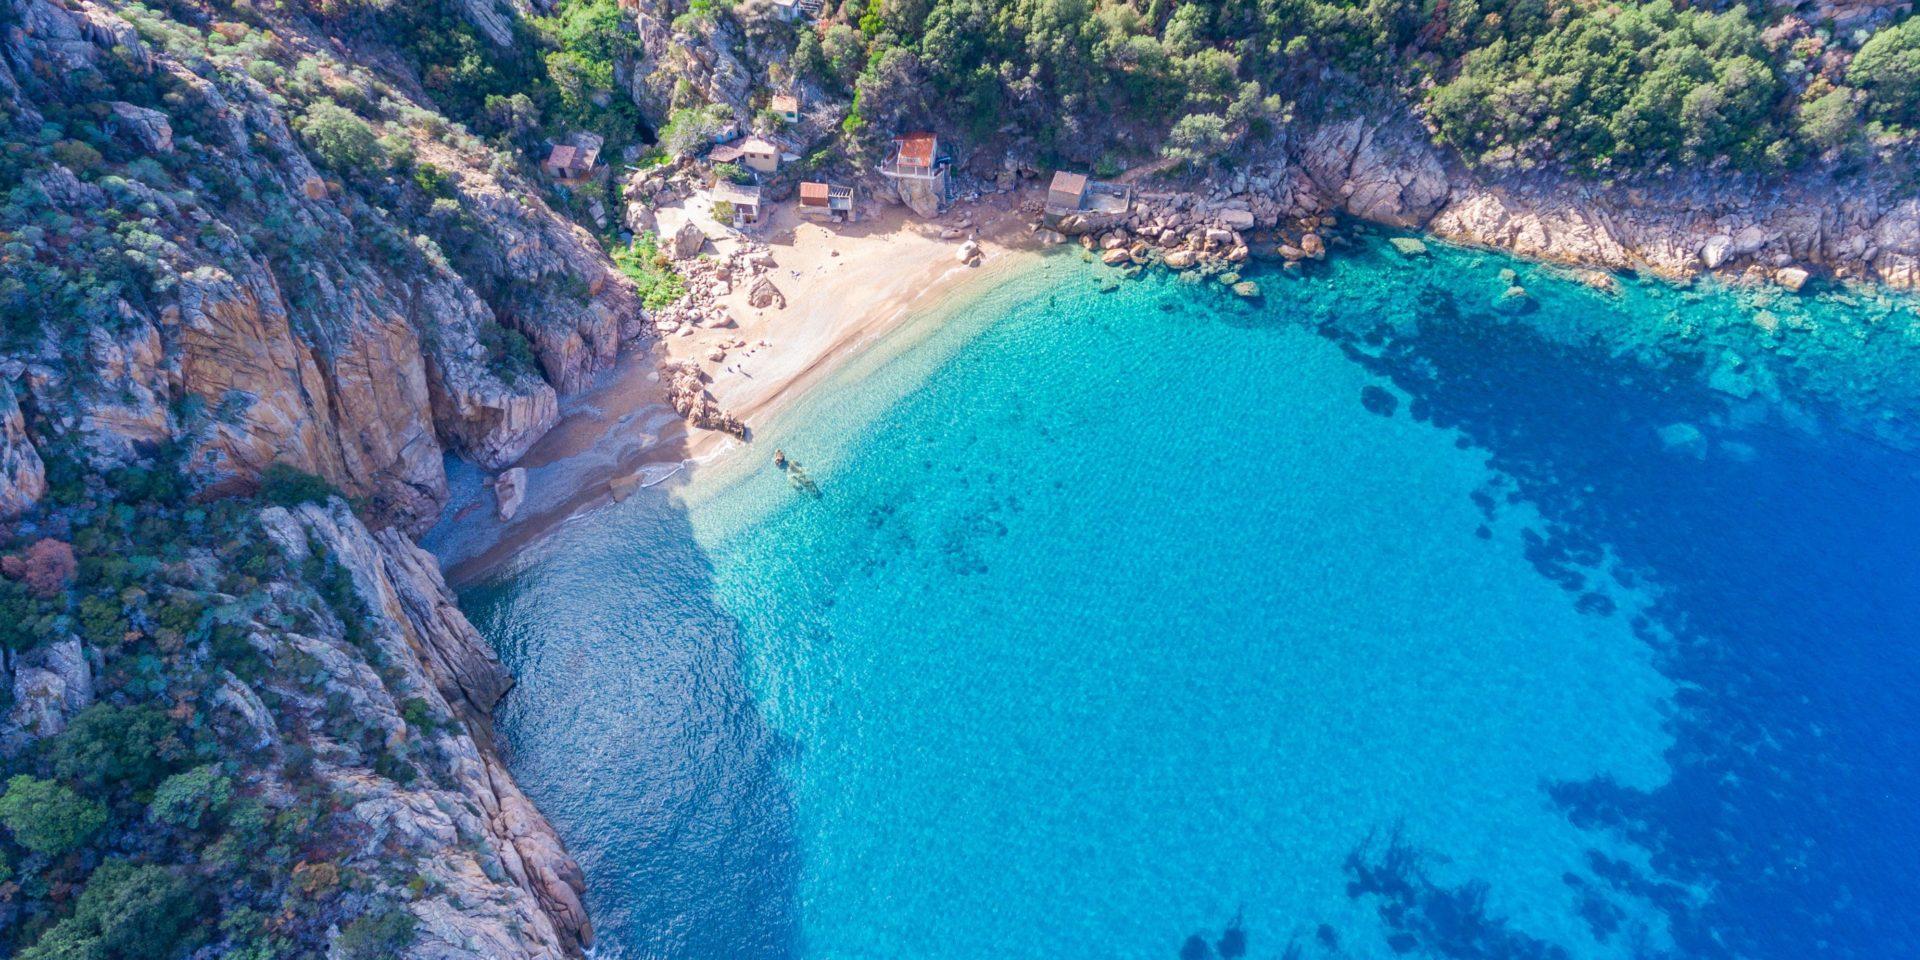 Hotel Capo Rosso Piana Calanques-de-Piana Corsica Frankrijk Capu-Rossu baai kreek drone luchtfoto